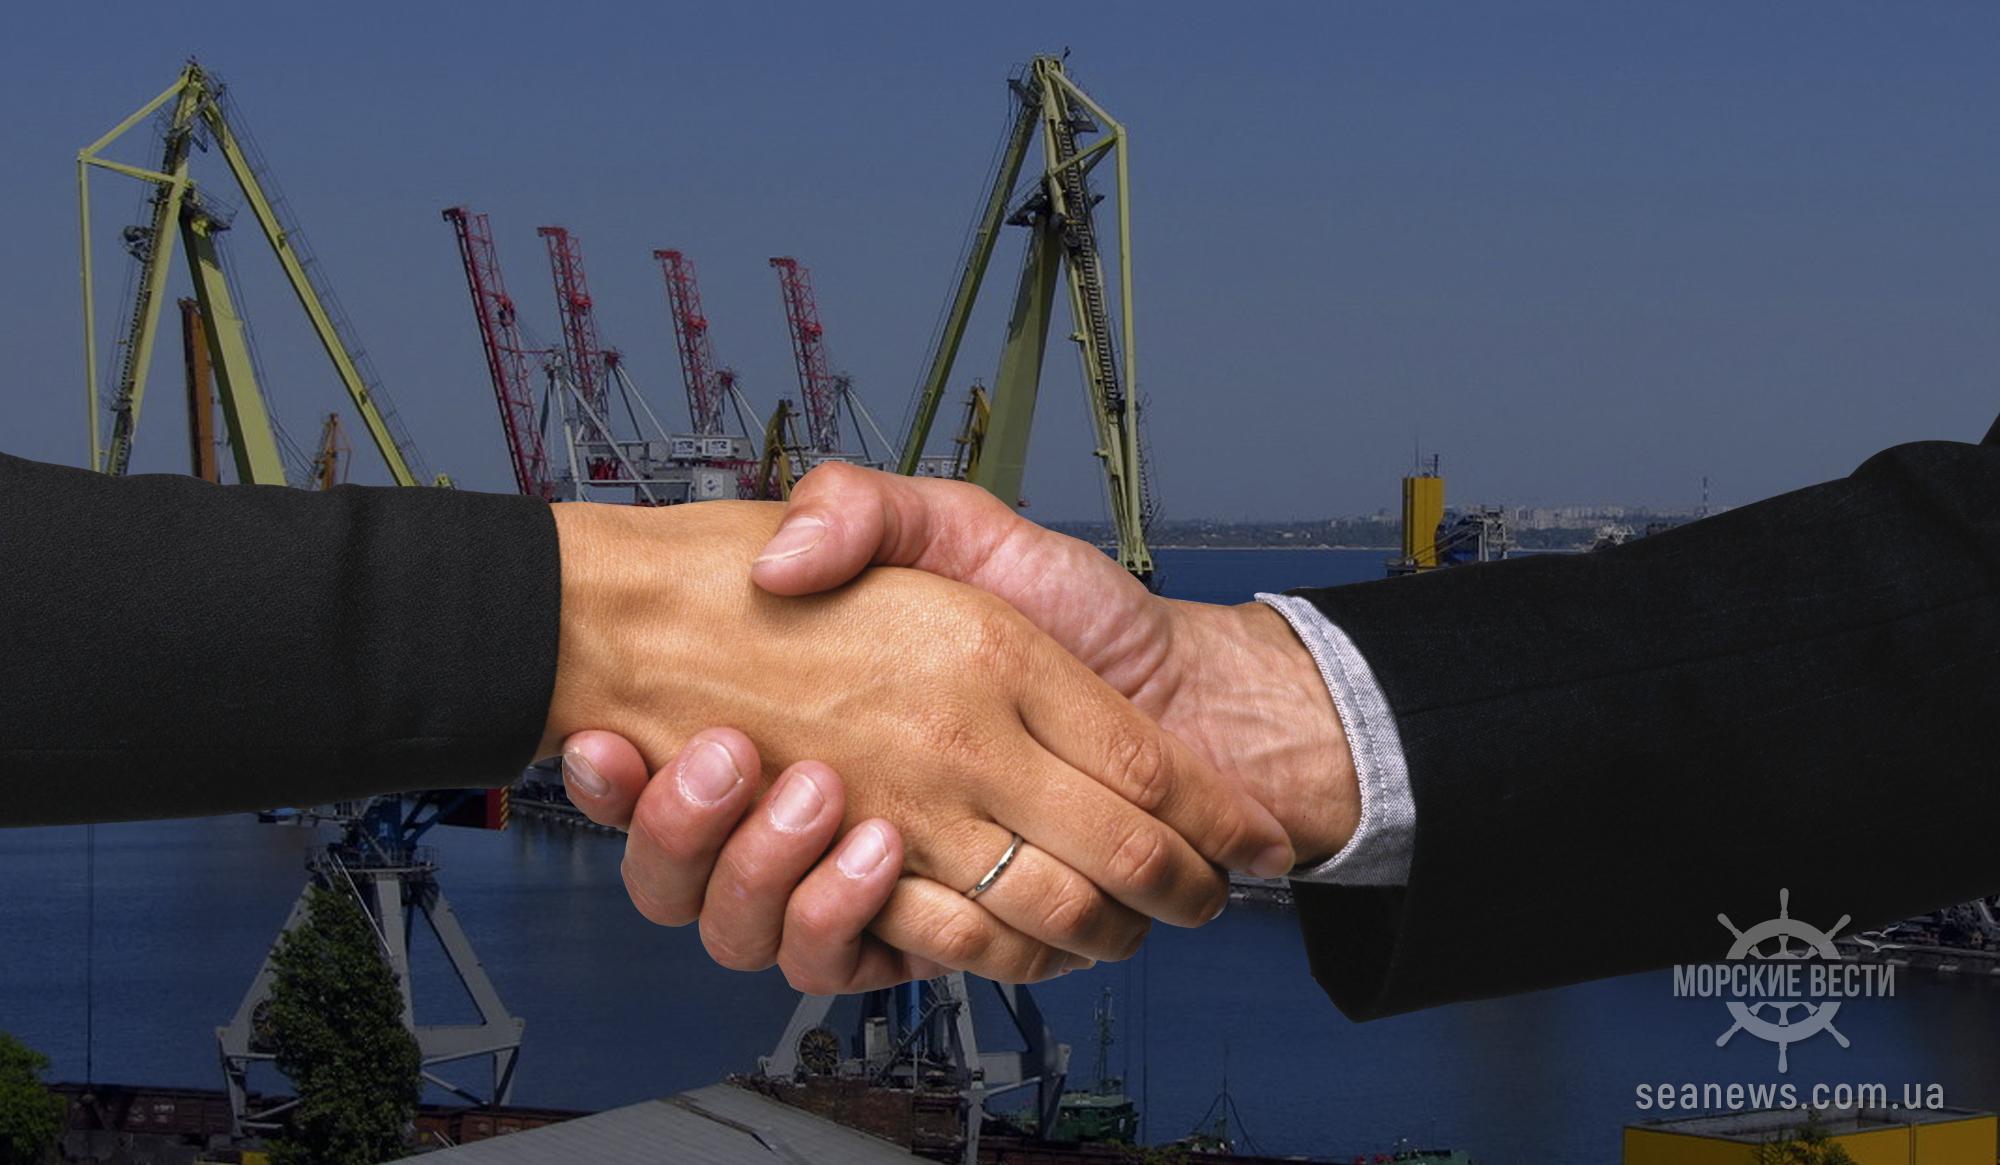 Мининфраструктуры готовит ряд проектов партнерства в морских портах